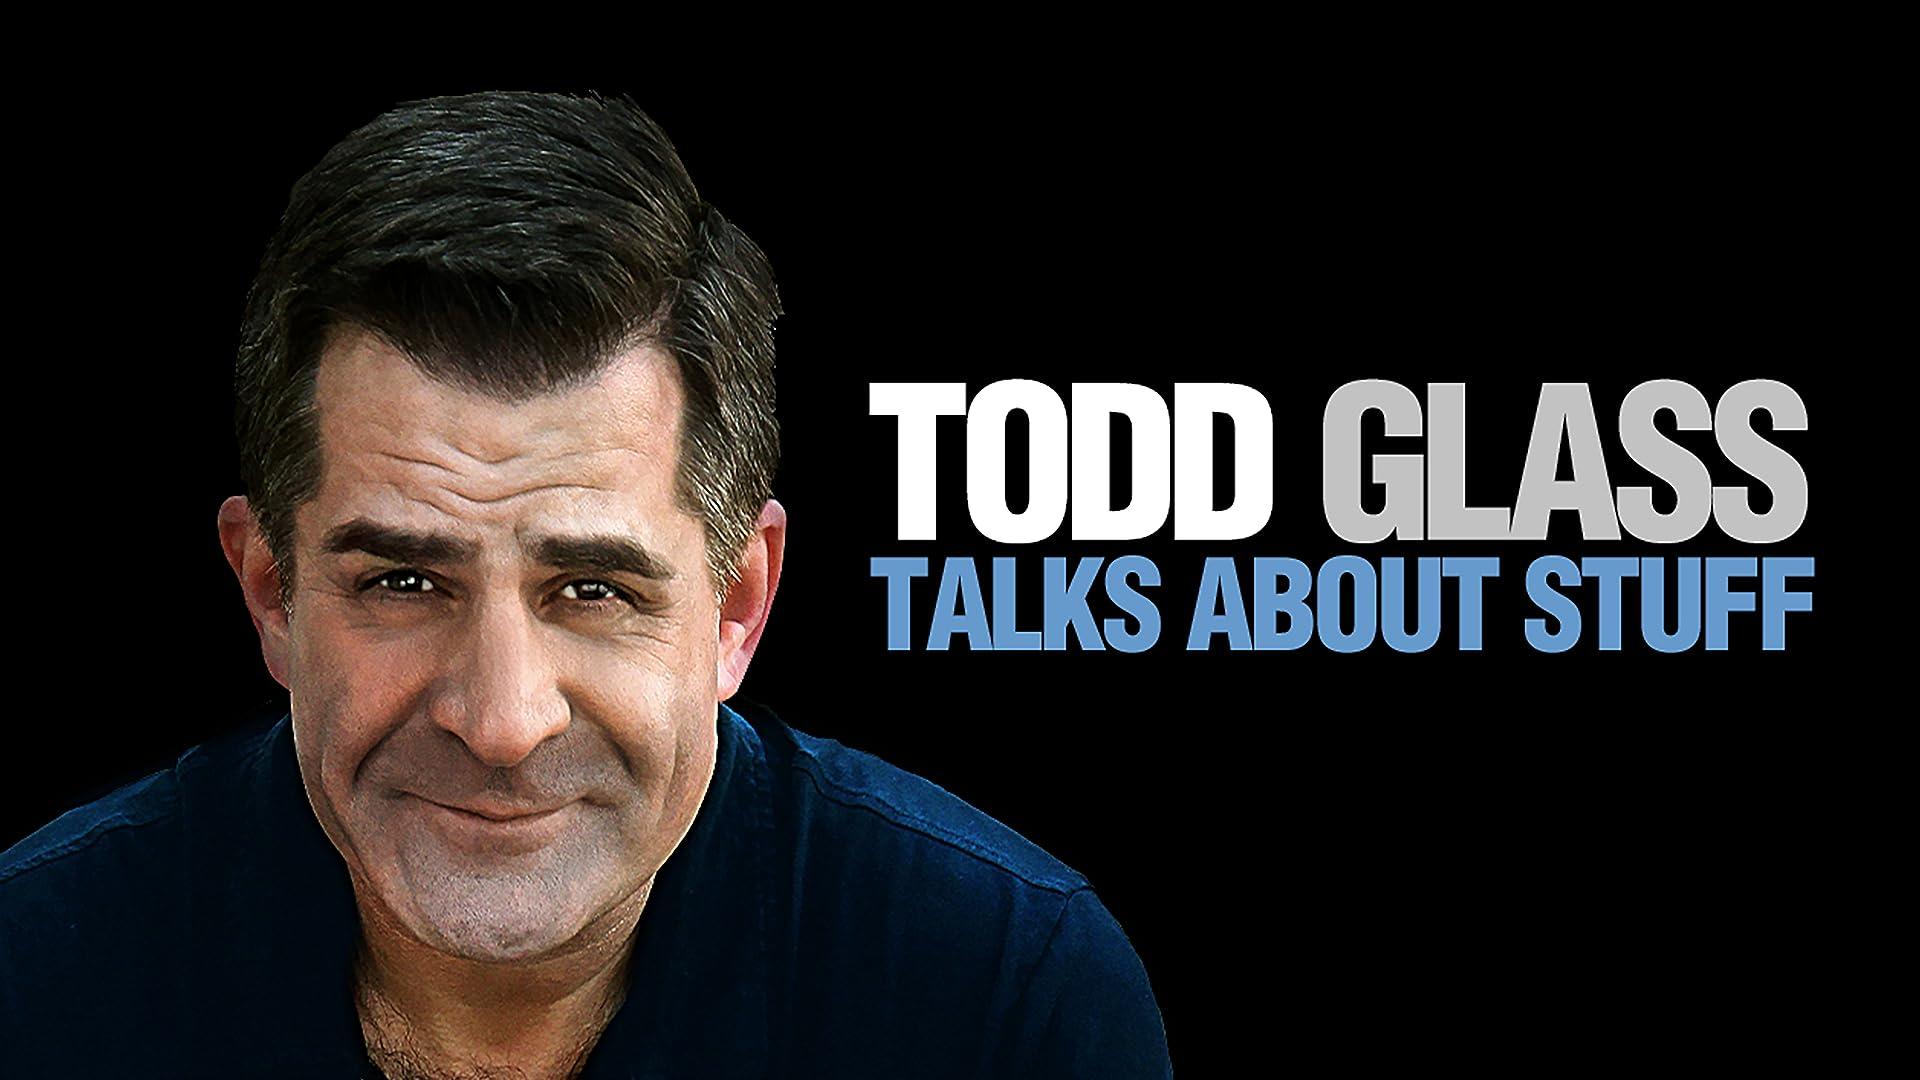 Todd Glass: Talks About Stuff